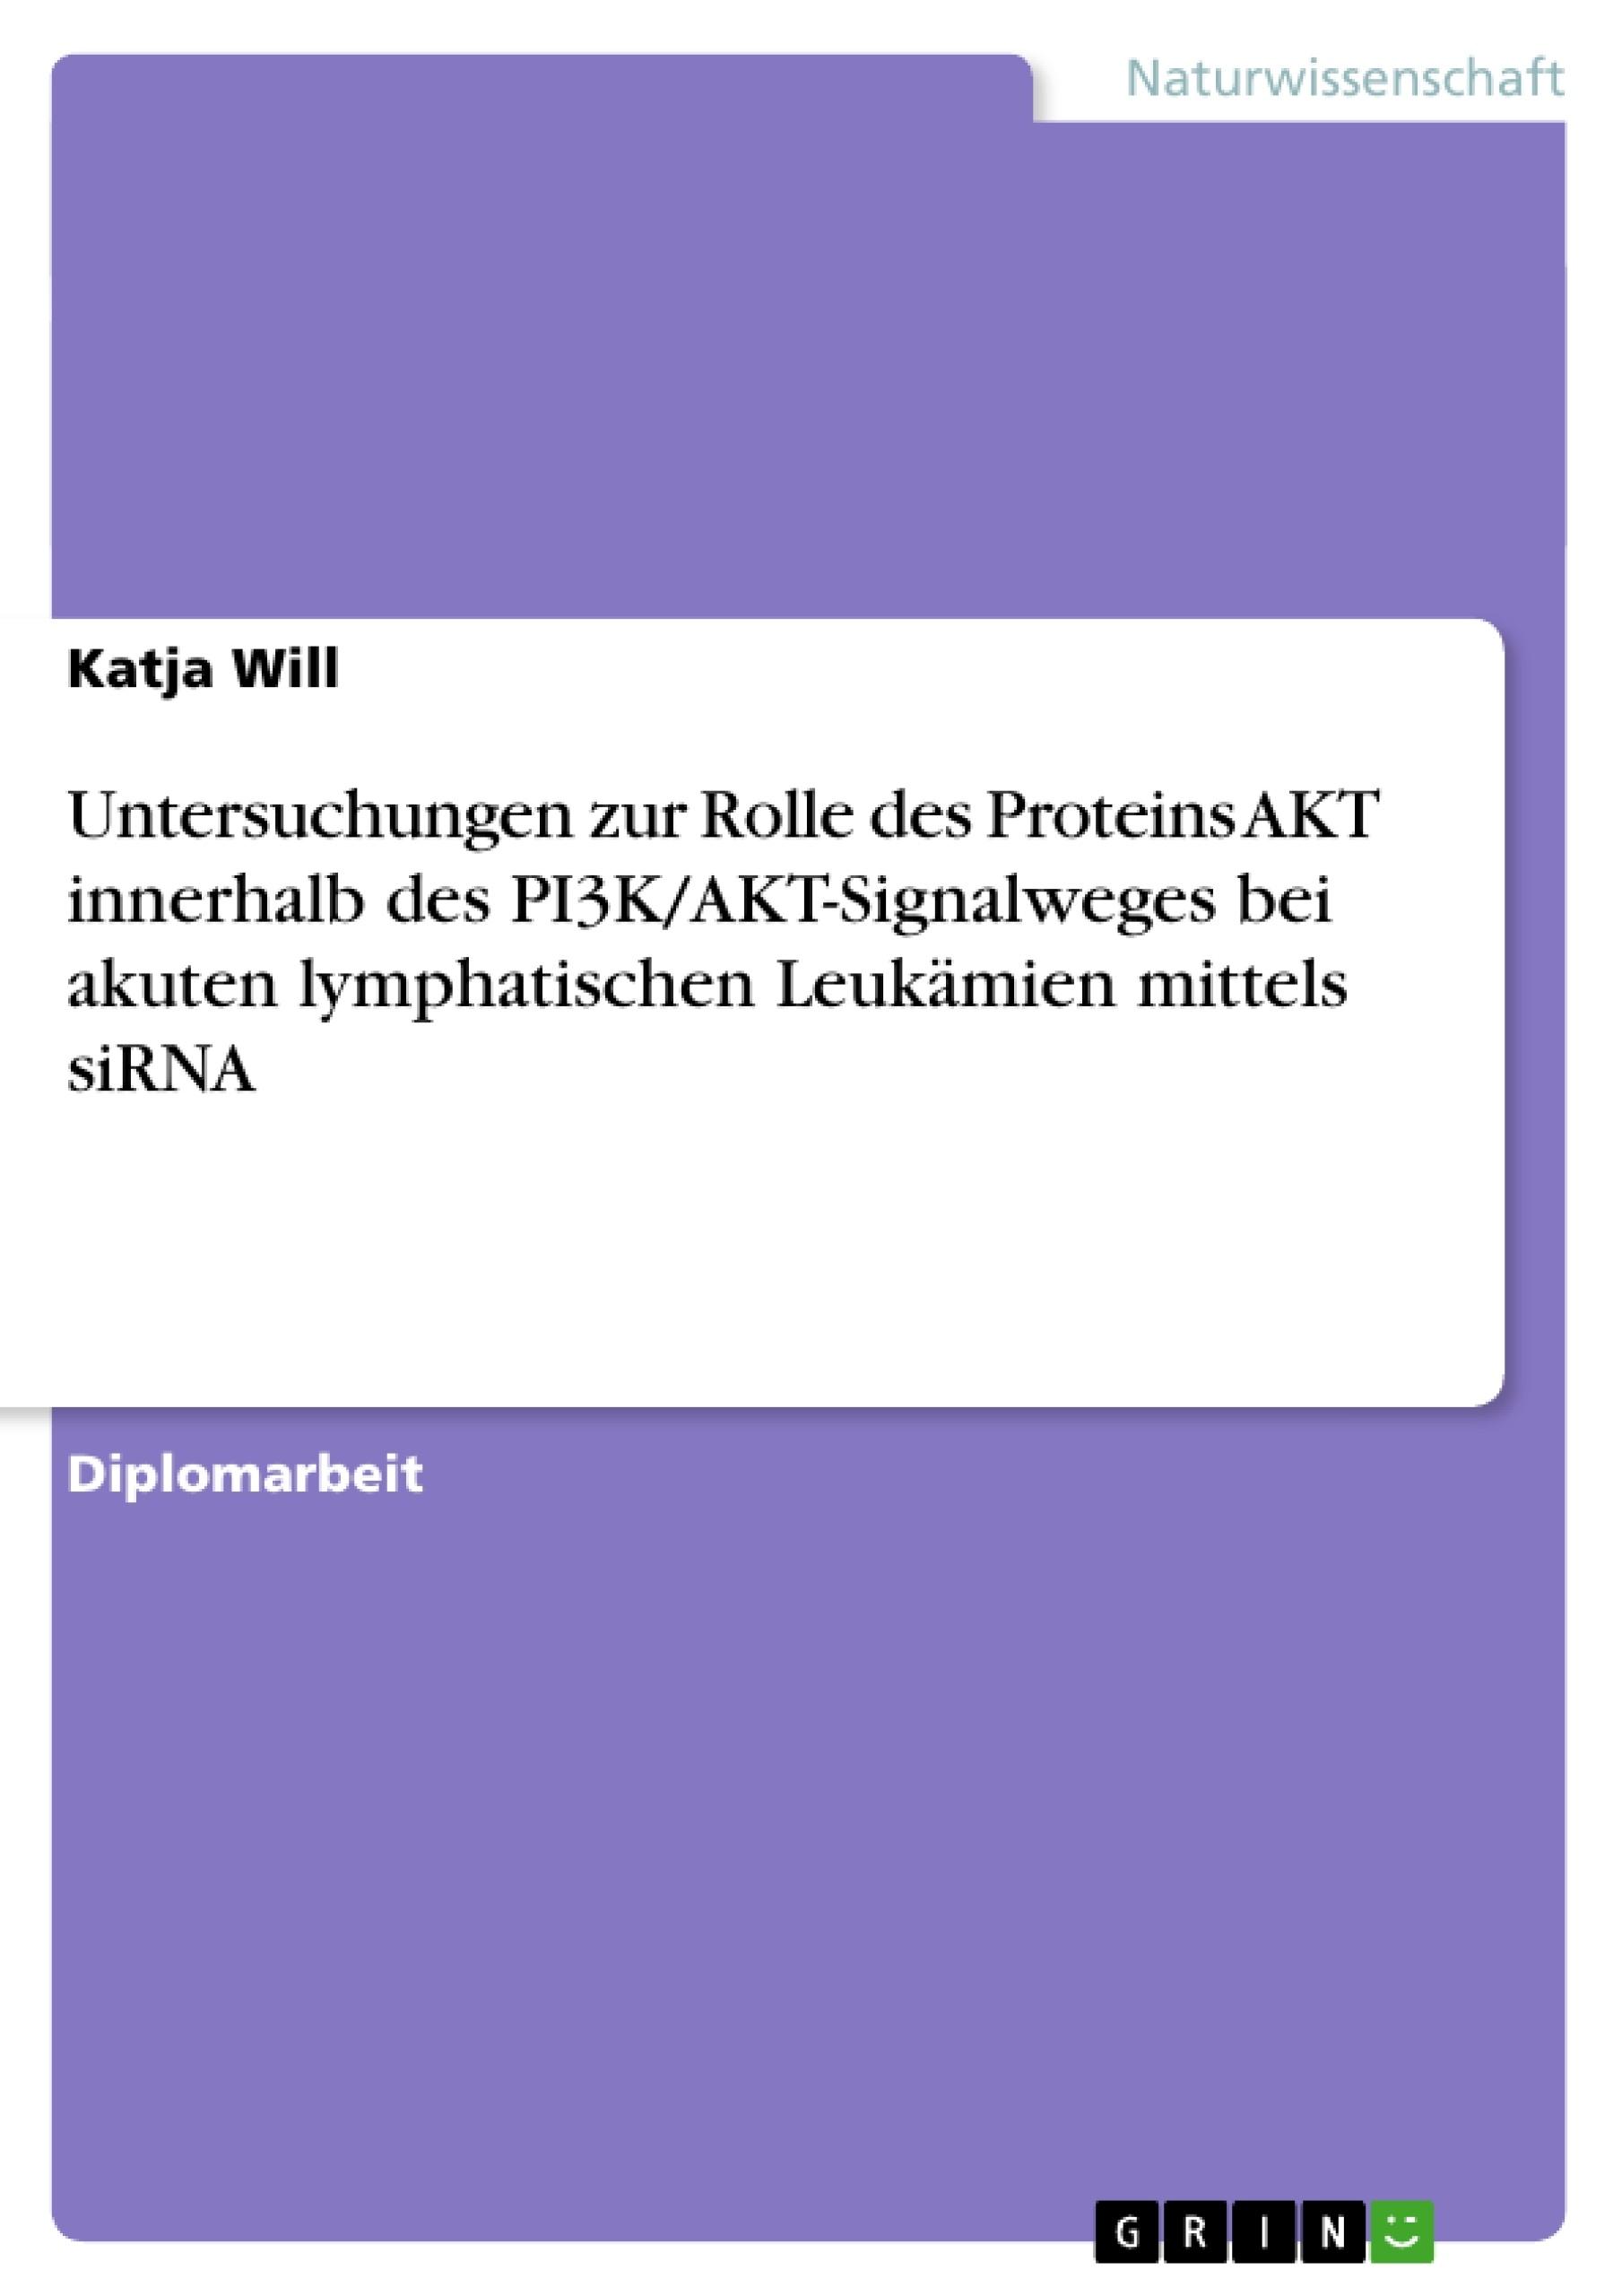 Titel: Untersuchungen zur Rolle des Proteins AKT innerhalb des PI3K/AKT-Signalweges bei akuten lymphatischen Leukämien mittels siRNA